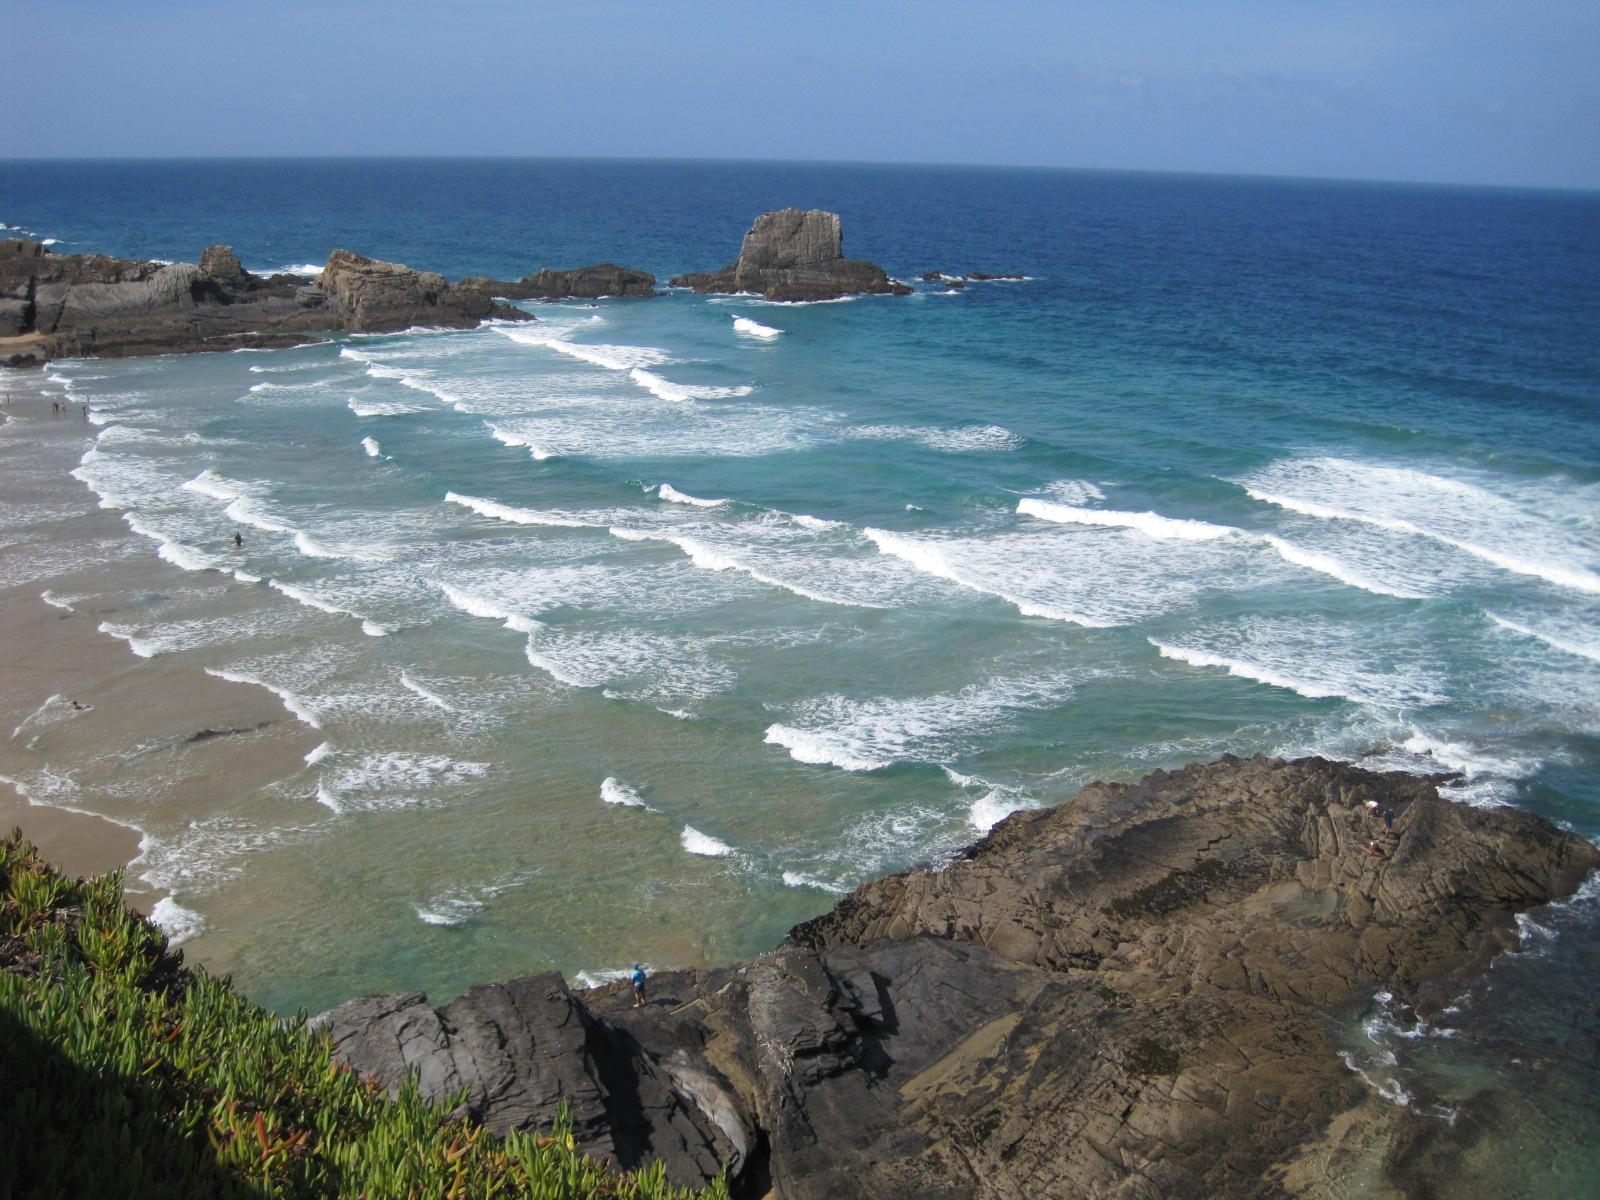 Zambueira do Mar in the Alentejo